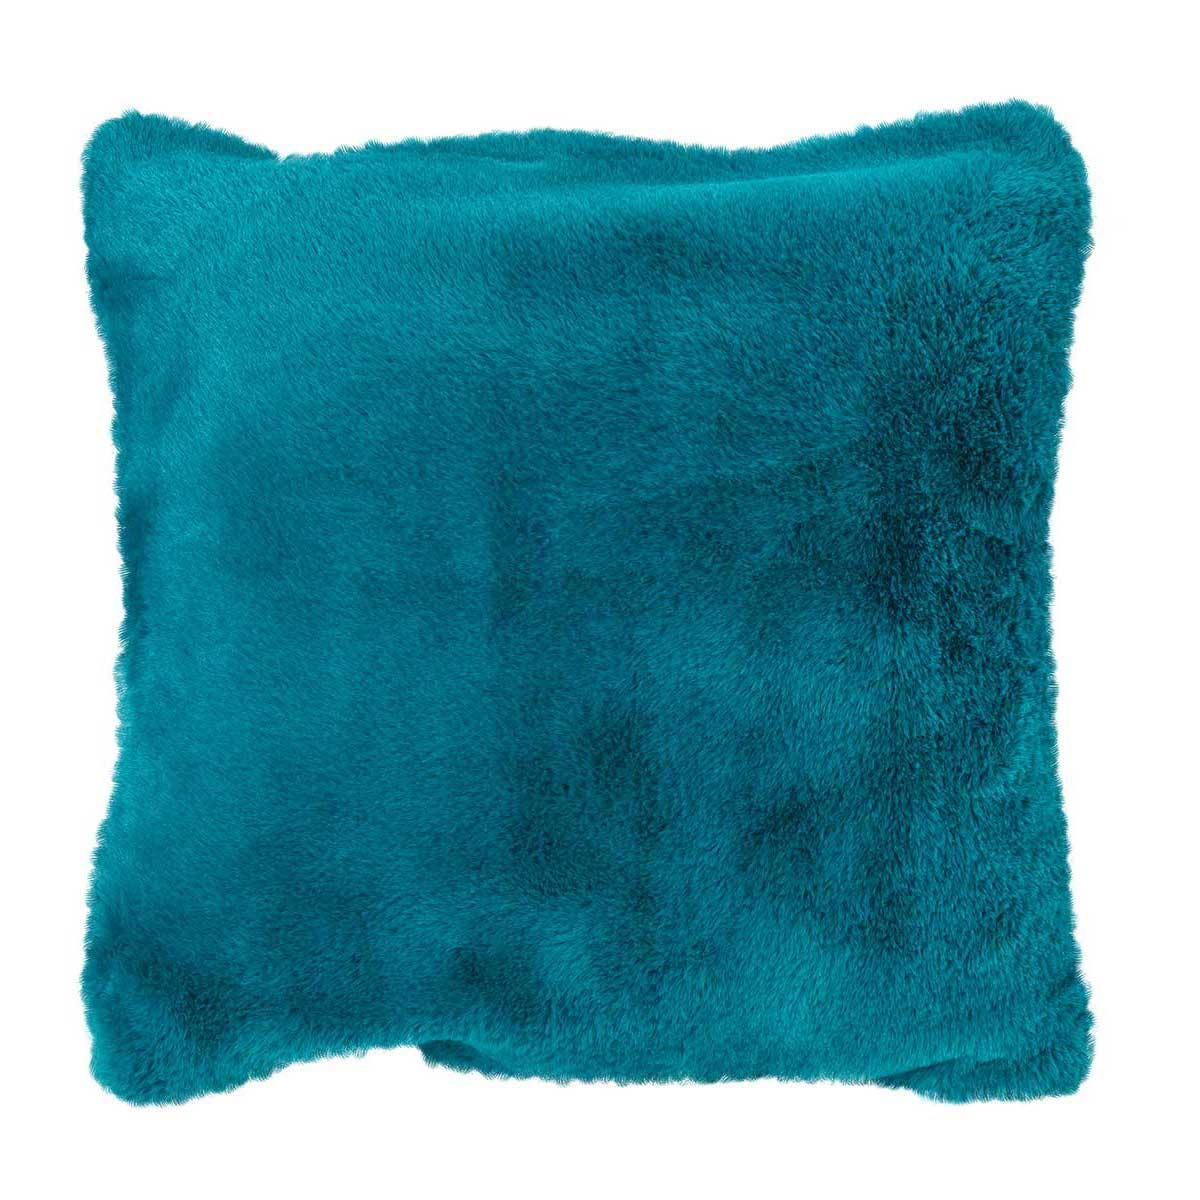 Housse de coussin en imitation fourrure polyester bleu paon 45x45